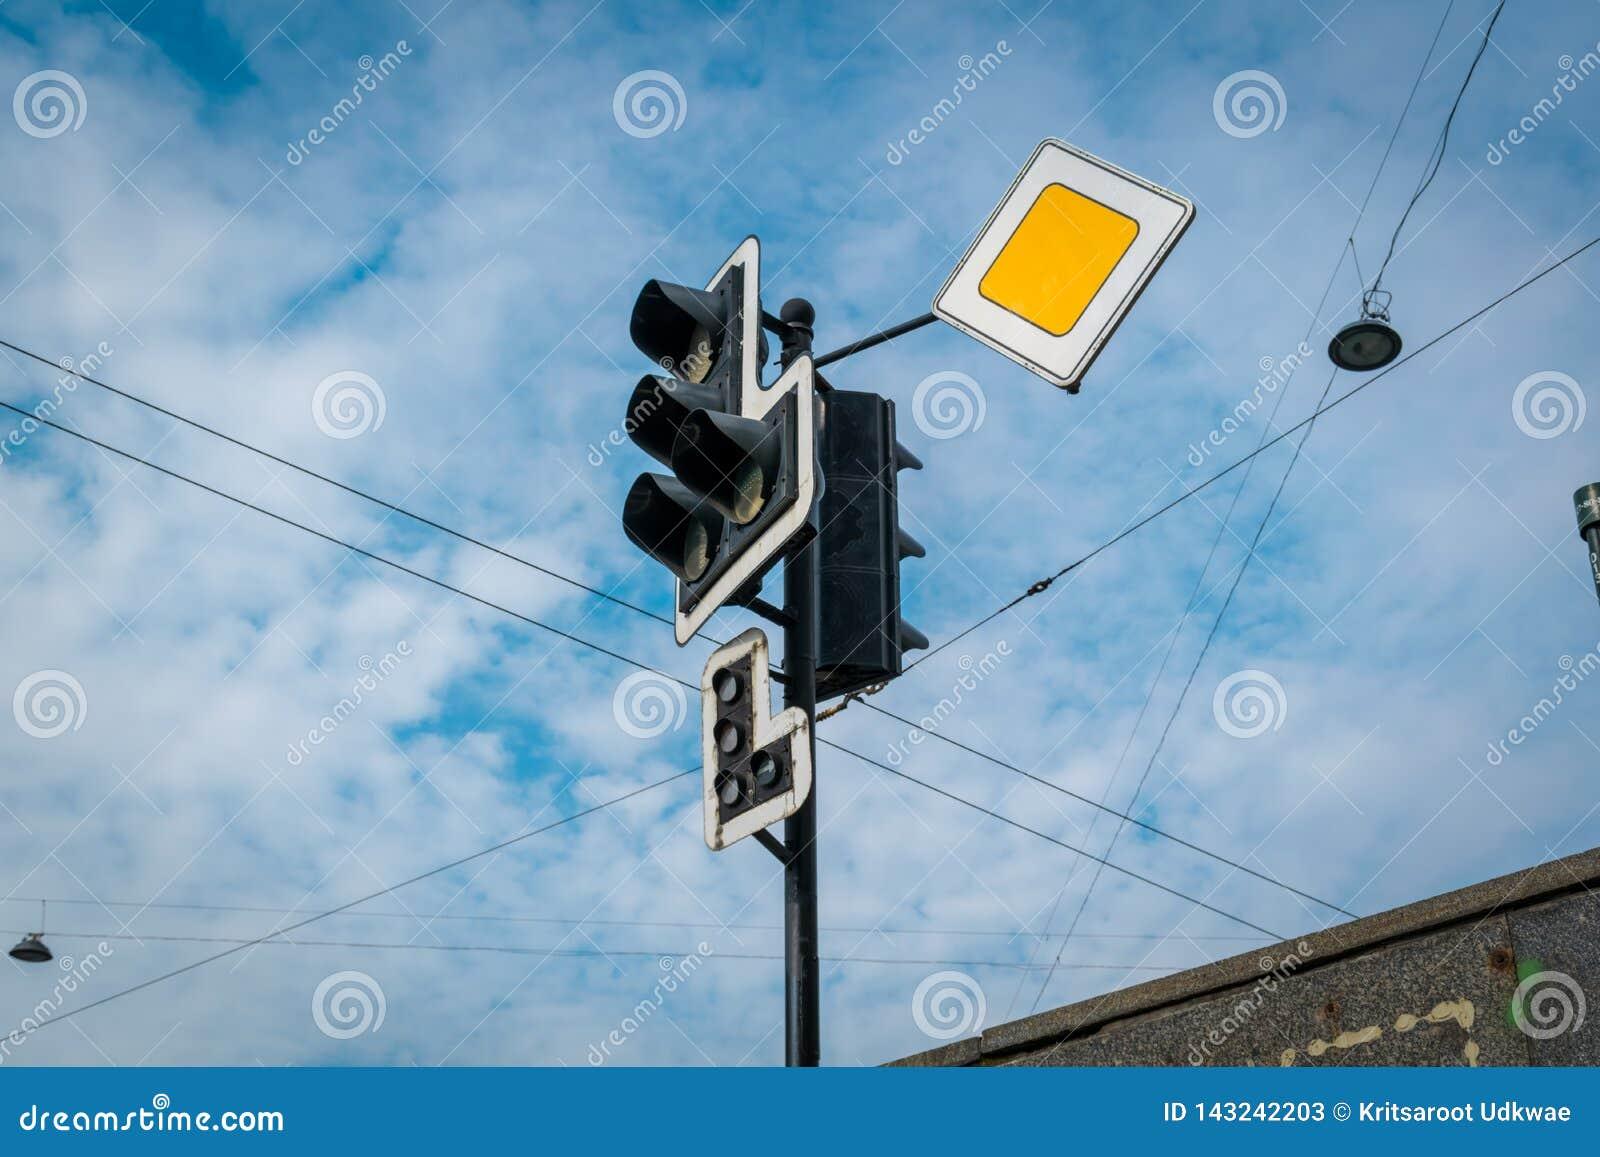 Die Ampel mit gelbem Zeichen